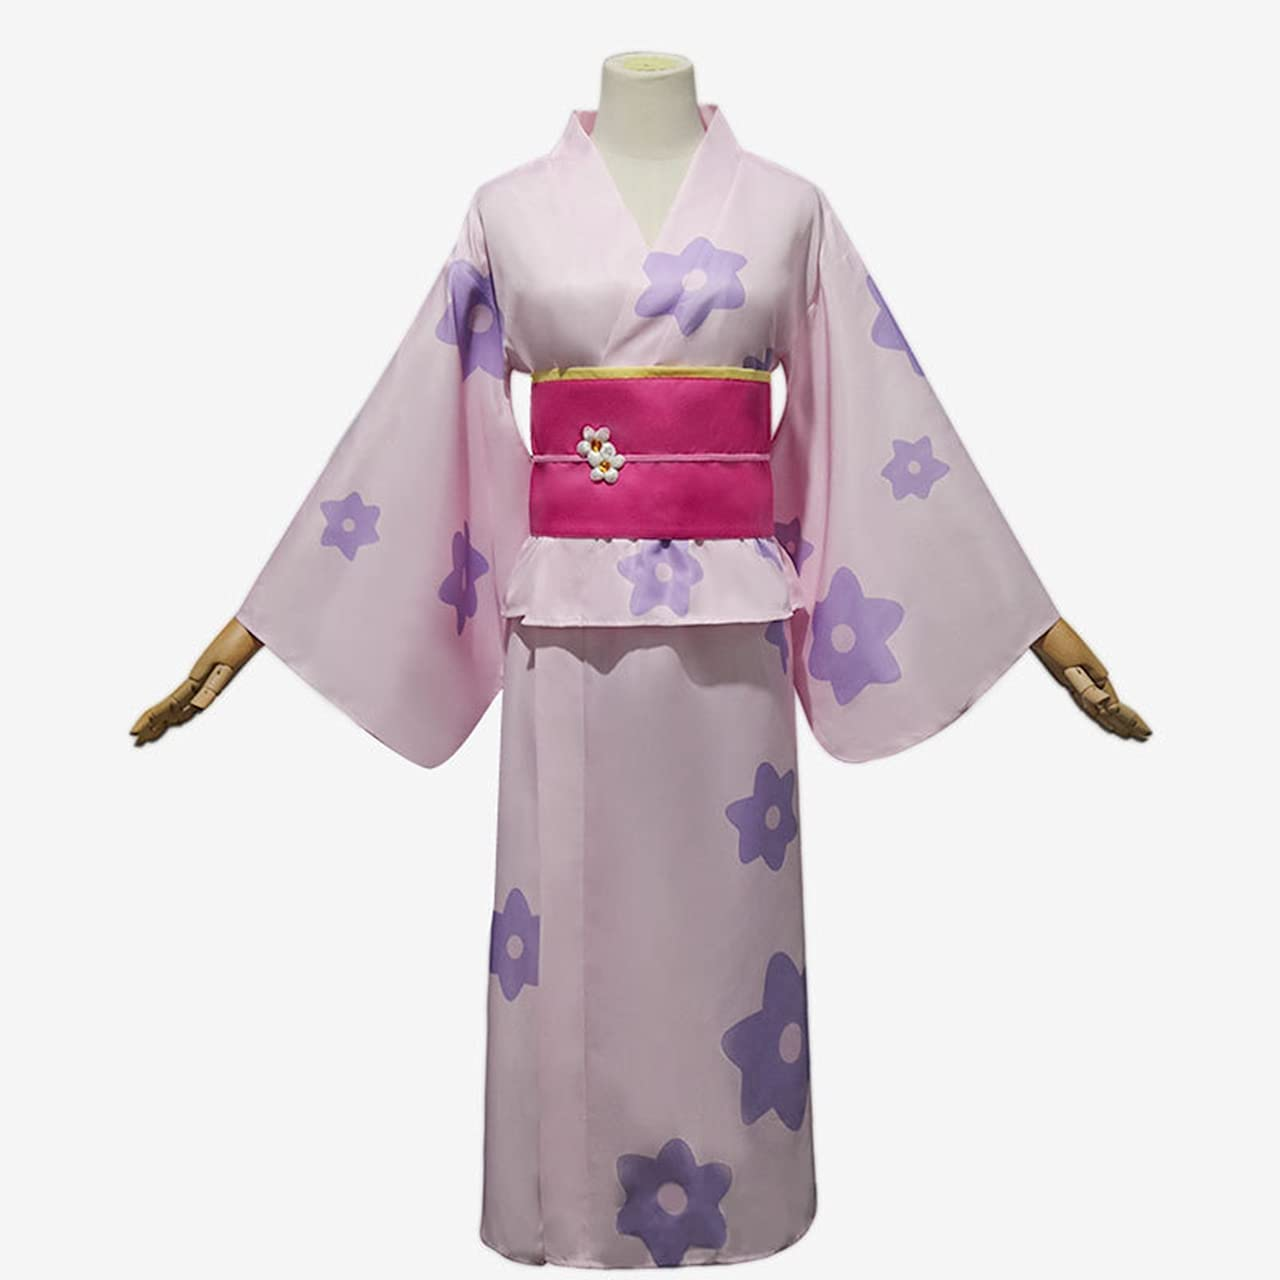 【橘日向 (たちばなヒナタ) 】東京リベンジャーズ コスプレ衣装 和服風 着物 浴衣(ゆかた) 和装